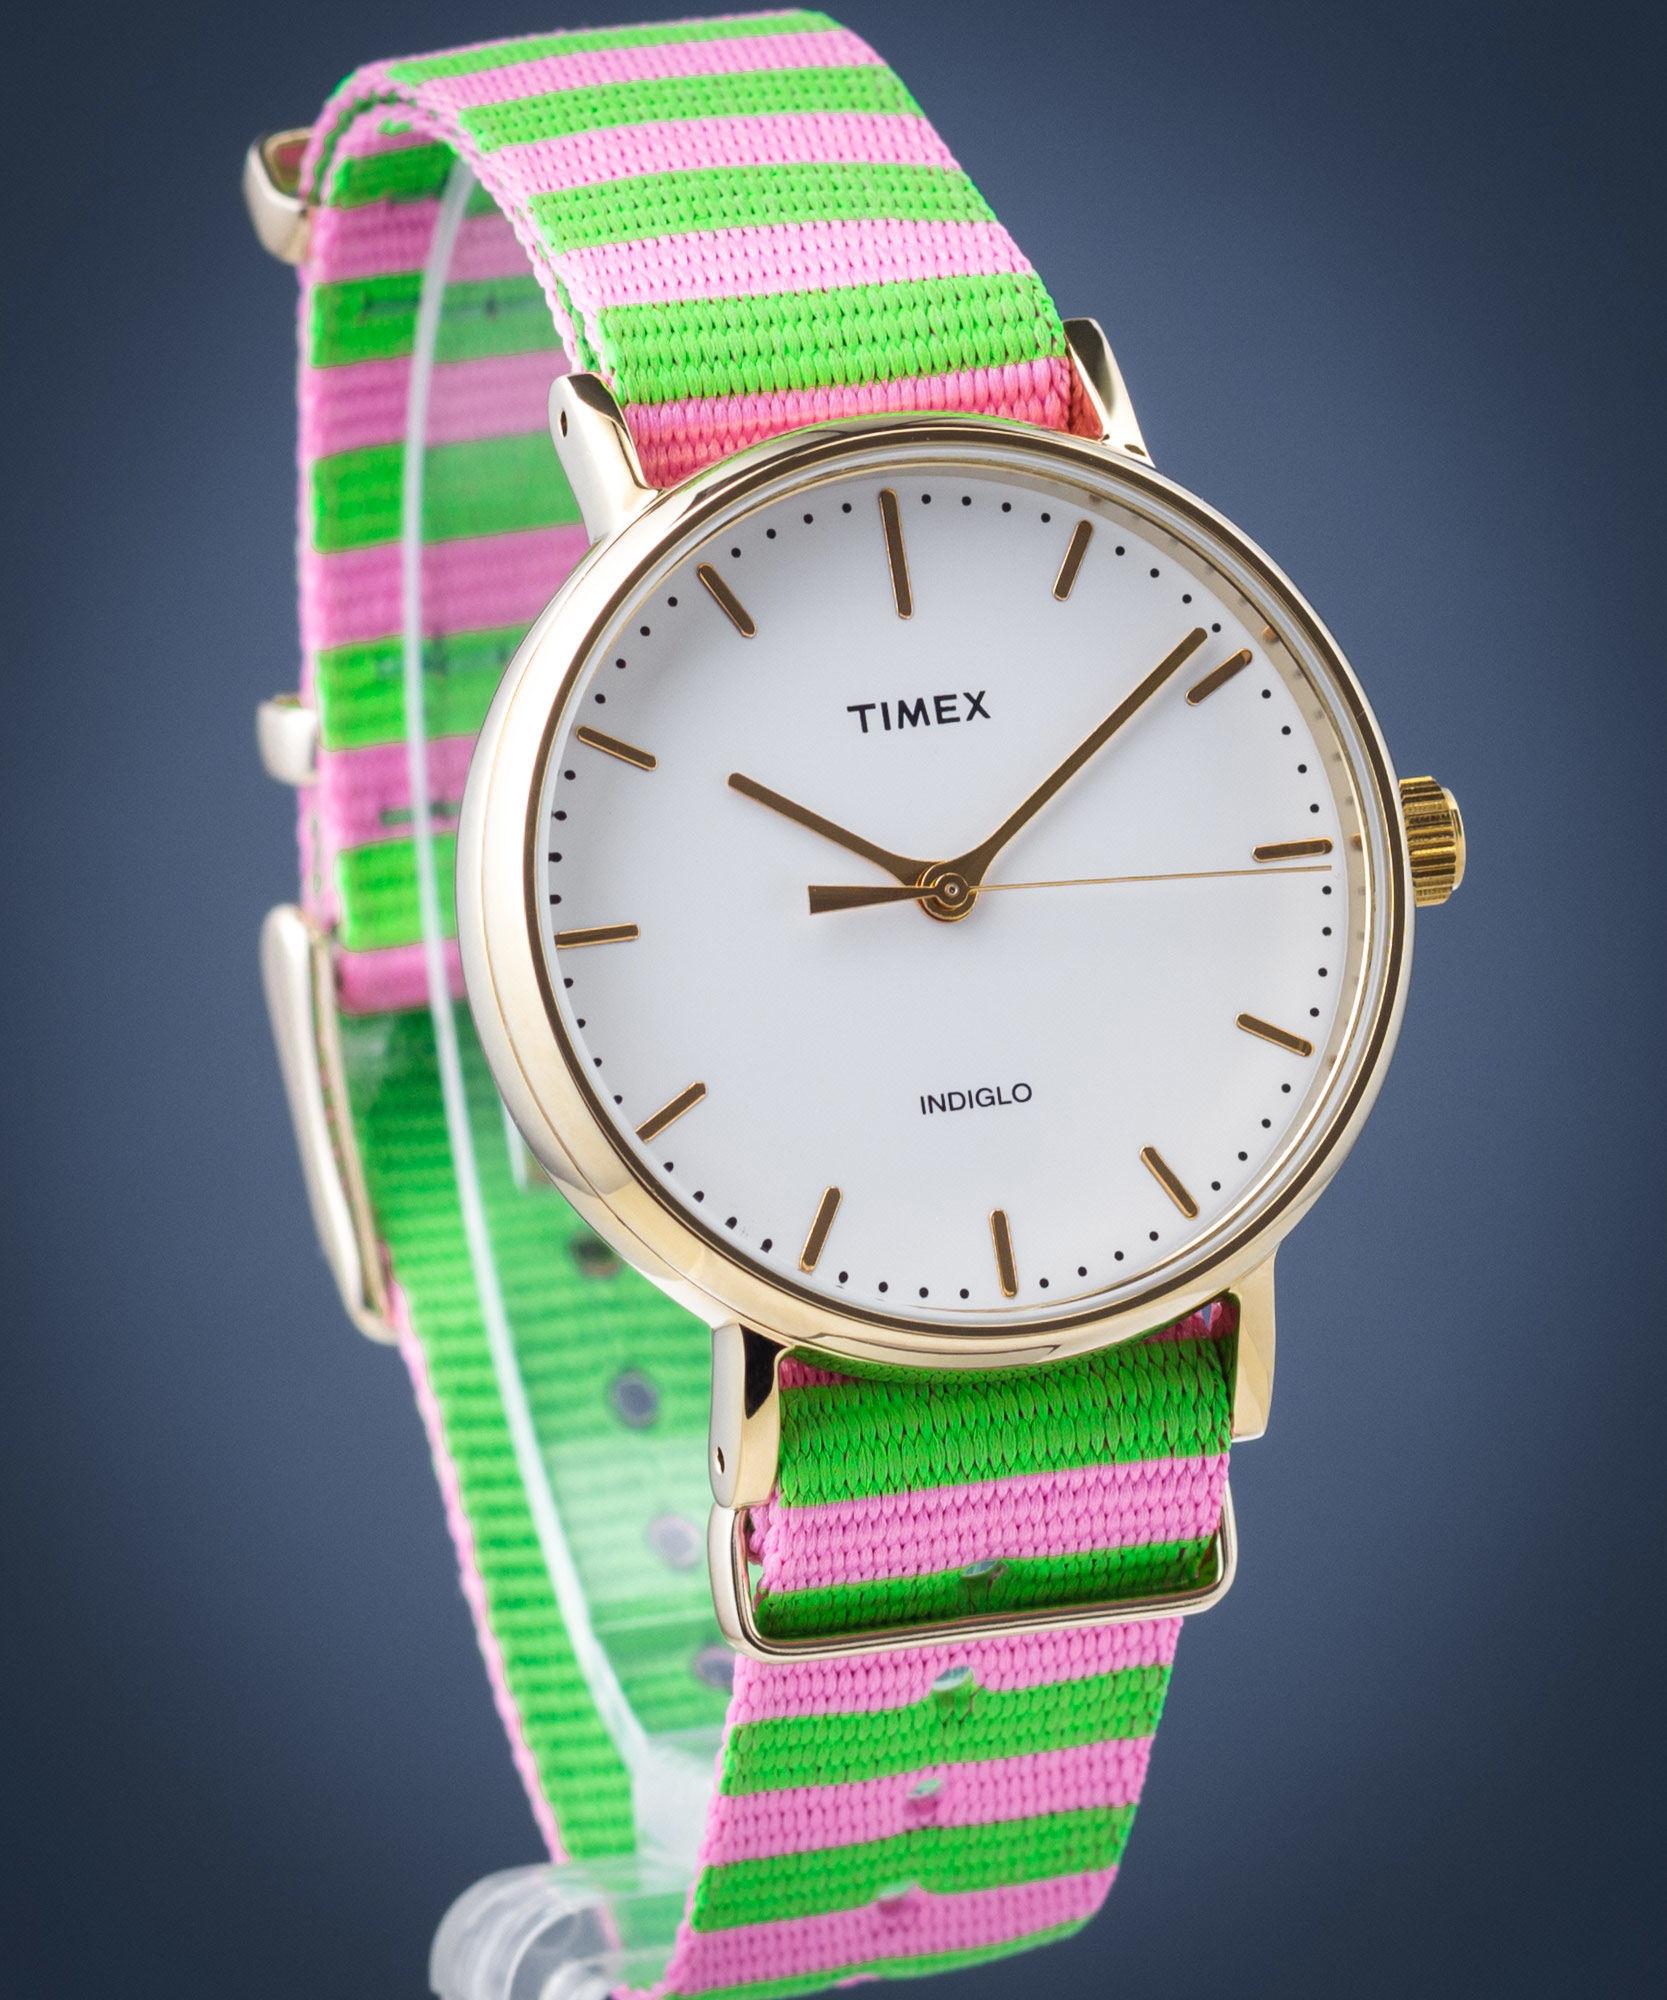 Timex TW2P91800 > Wysyłka tego samego dnia Grawer 0zł Darmowa dostawa Kurierem/Inpost Darmowy zwrot przez 100 DNI